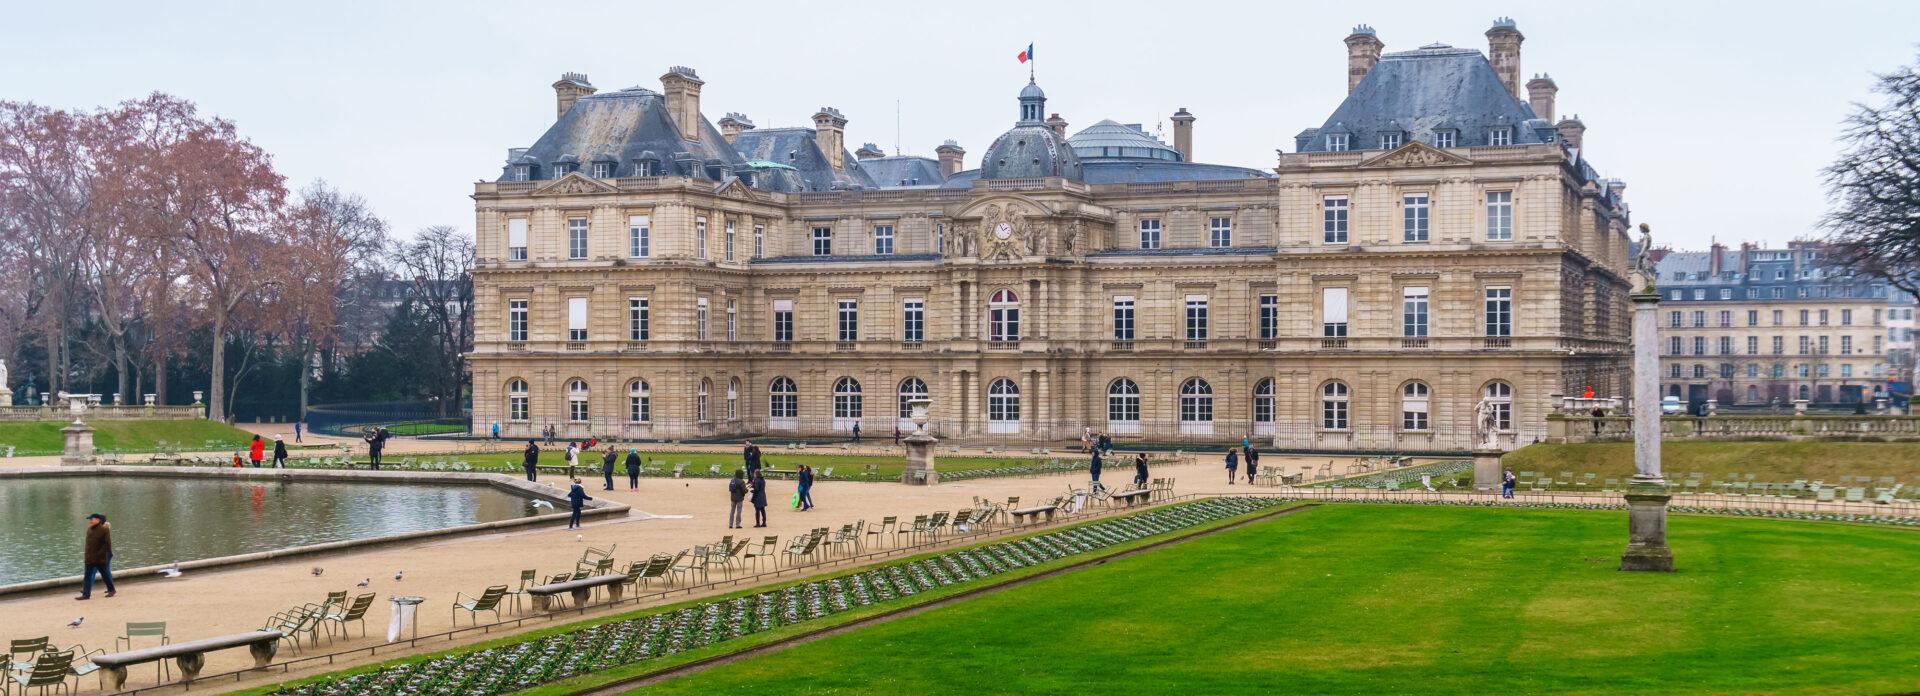 Jardin du Luxembourg slott Paris besoke severdighet attraksjon